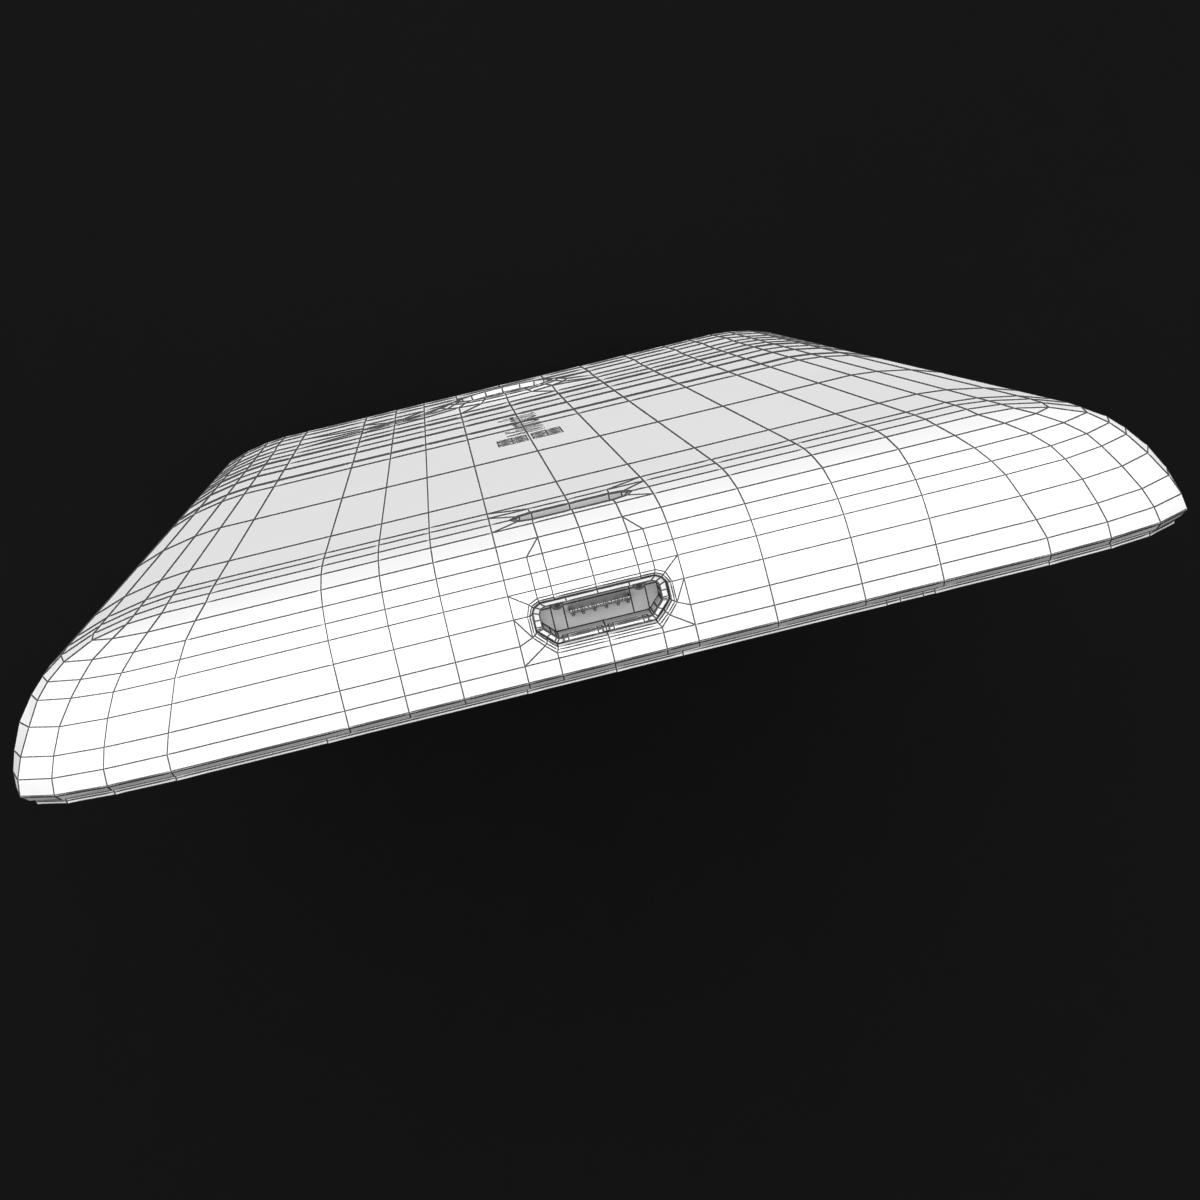 microsoft lumia 535 and dual sim gray 3d model 3ds max fbx c4d obj 204486